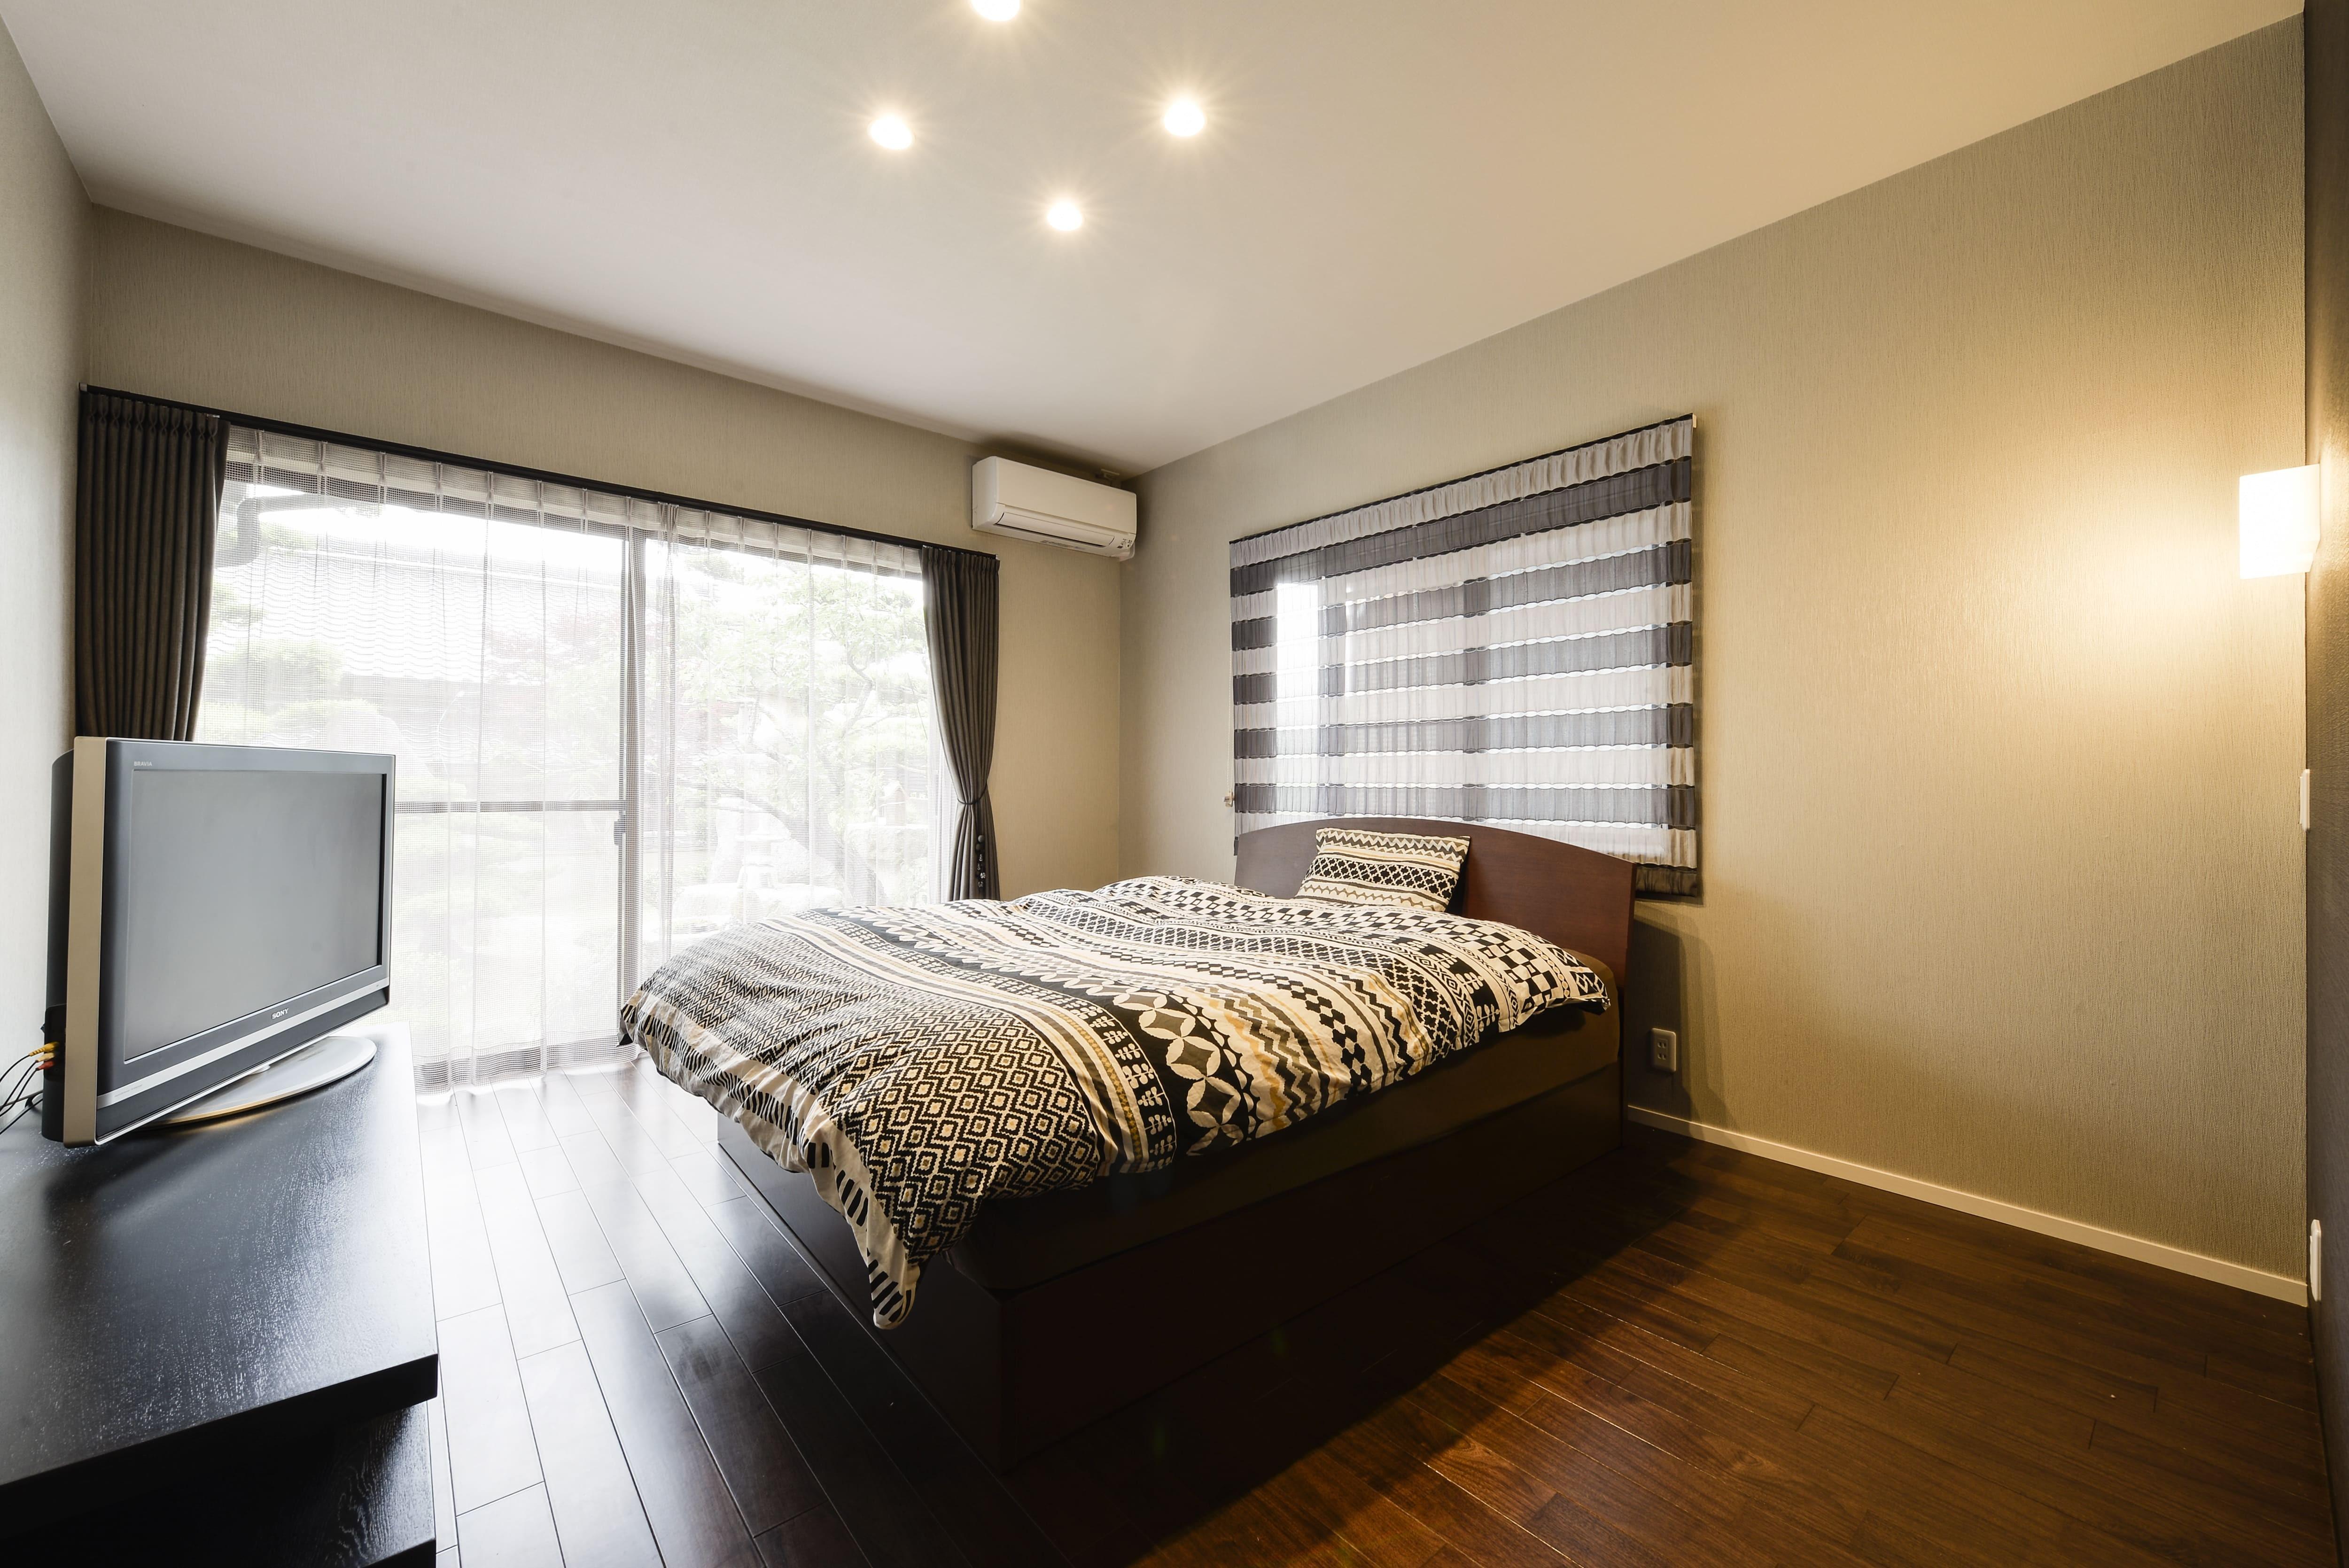 その他事例:二面採光の明るい寝室。(外観は純和風のままに、室内はアーバンモダンの洗練されたデザインへとリフォーム。)